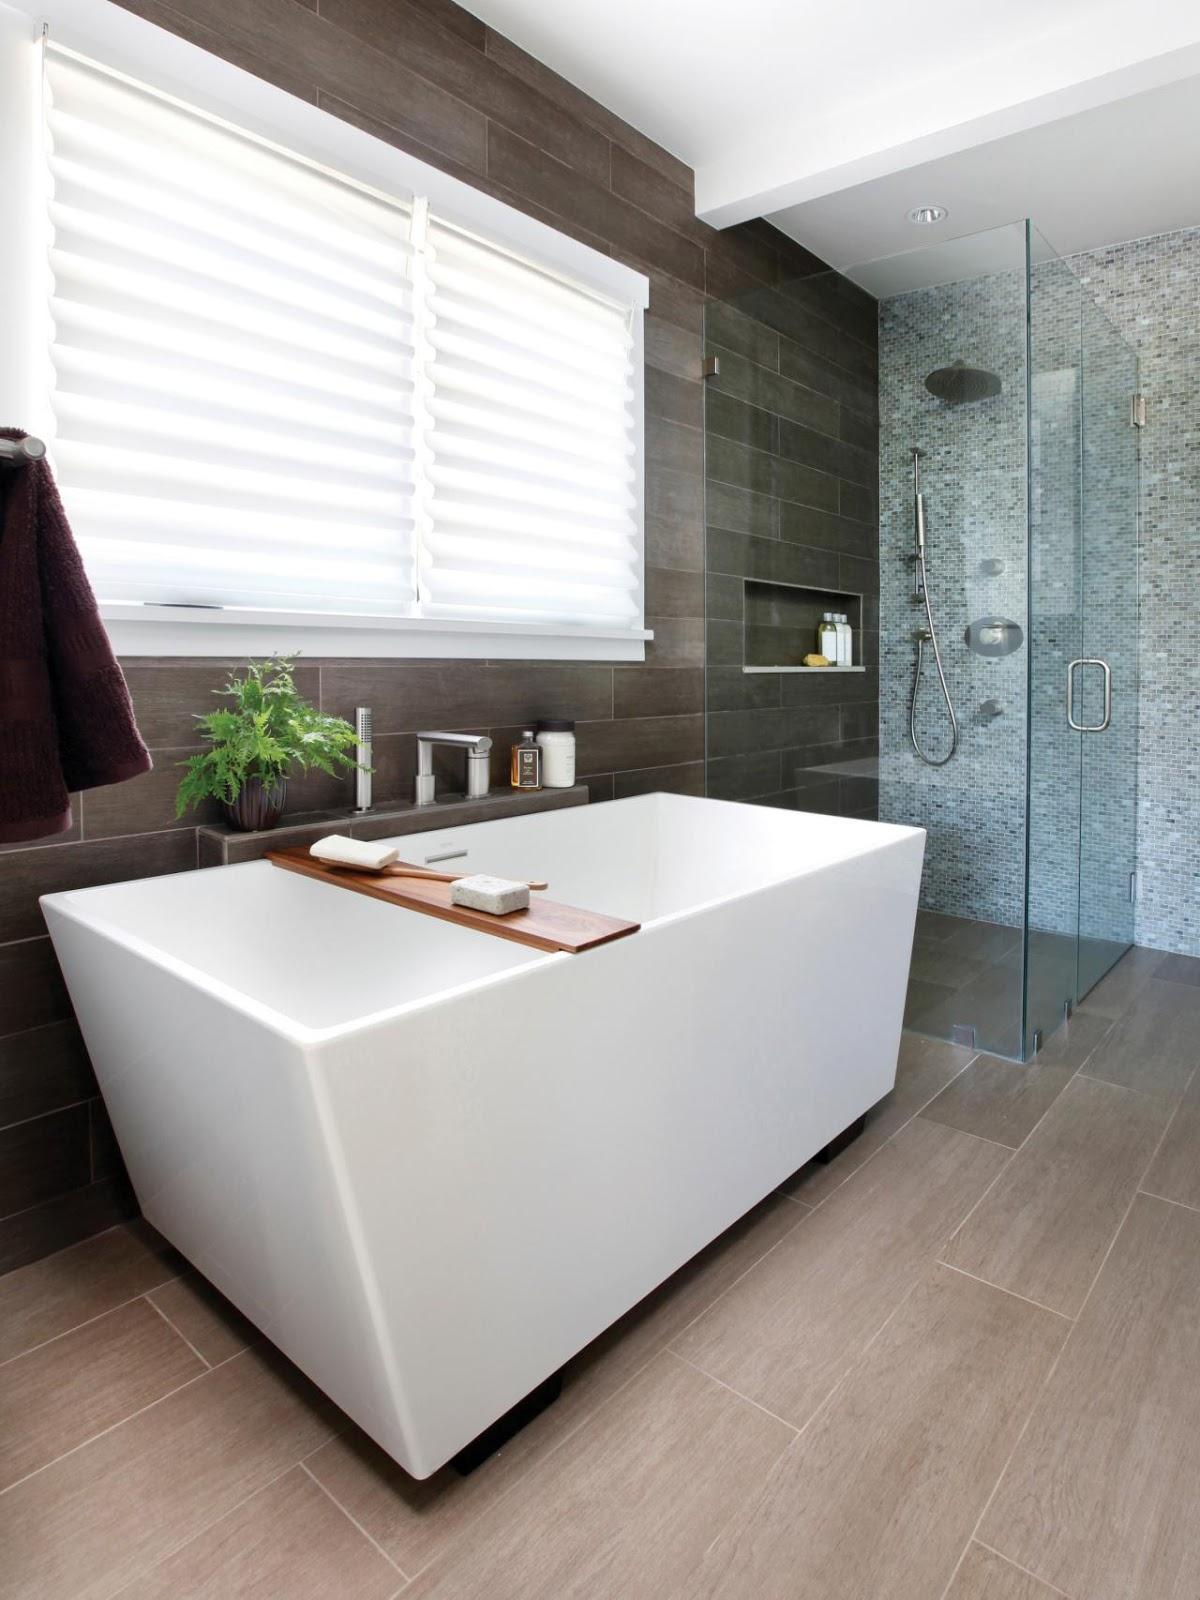 """modern-tub """"width ="""" 1200 """"height ="""" 1600 """"srcset ="""" https://housekeeping.tn/wp-content/uploads/2019/11/30-idees-de-design-de-salle-de-bain-moderne-pour.jpeg 1200w, https://freshome.com/ wp-content / uploads / 2015/05 / modern-tub-225x300.jpeg 225w, https://freshome.com/wp-content/uploads/2015/05/modern-tub-768x1024.jpeg 768w, https: // freshome.com/wp-content/uploads/2015/05/modern-tub-296x395.jpeg 296w """"values ="""" (largeur maximale: 1200px) 100vw, 1200px """"/> </div> </div> <h2><span class="""